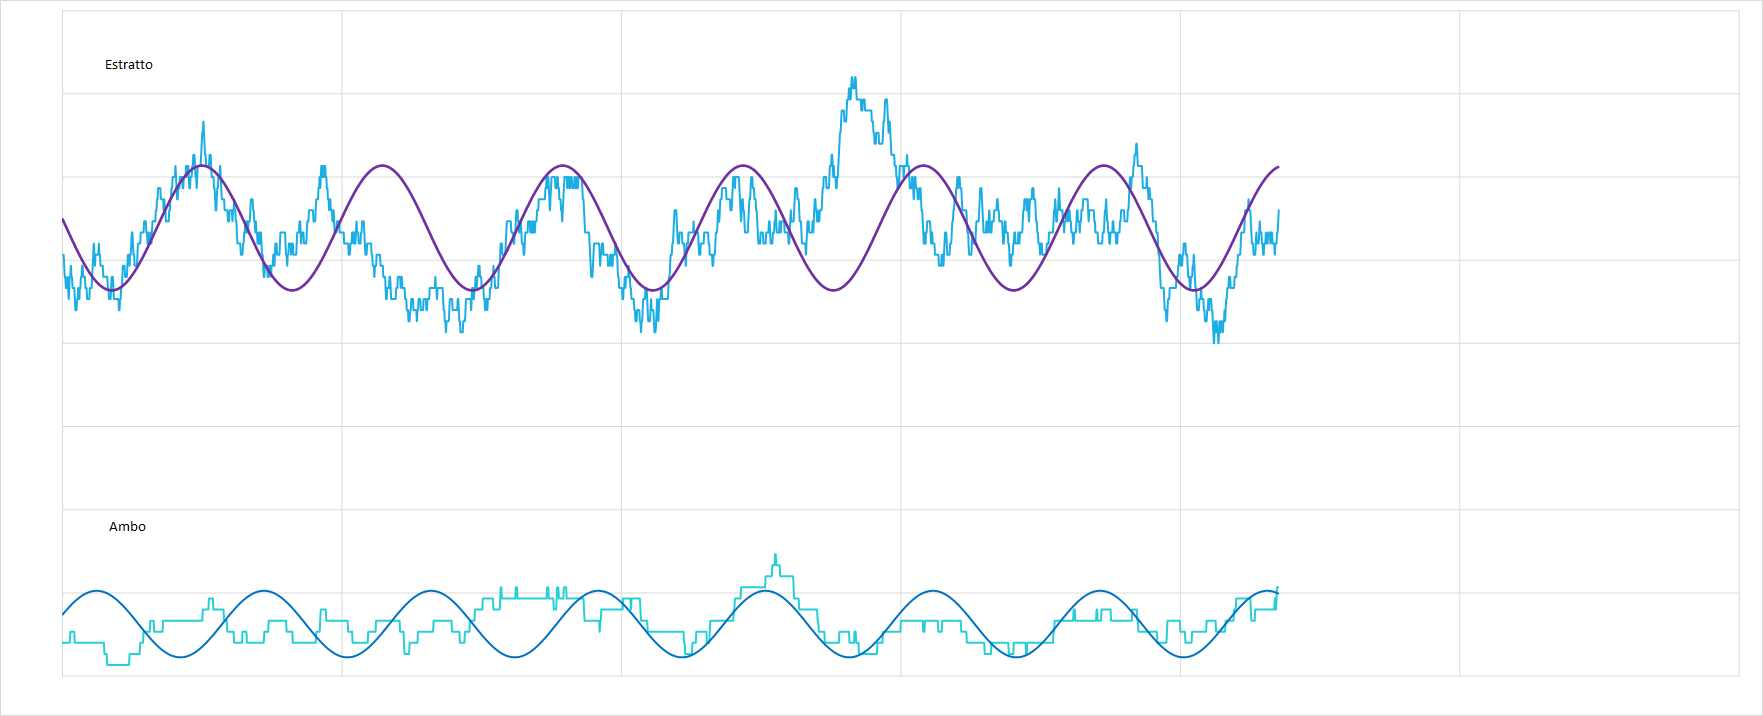 Ipotetico andamento sinusoidale interpolante per le medie dell'estratto e dell'ambo - Aggiornato all'estrazione precedente il 3 Aprile 2021